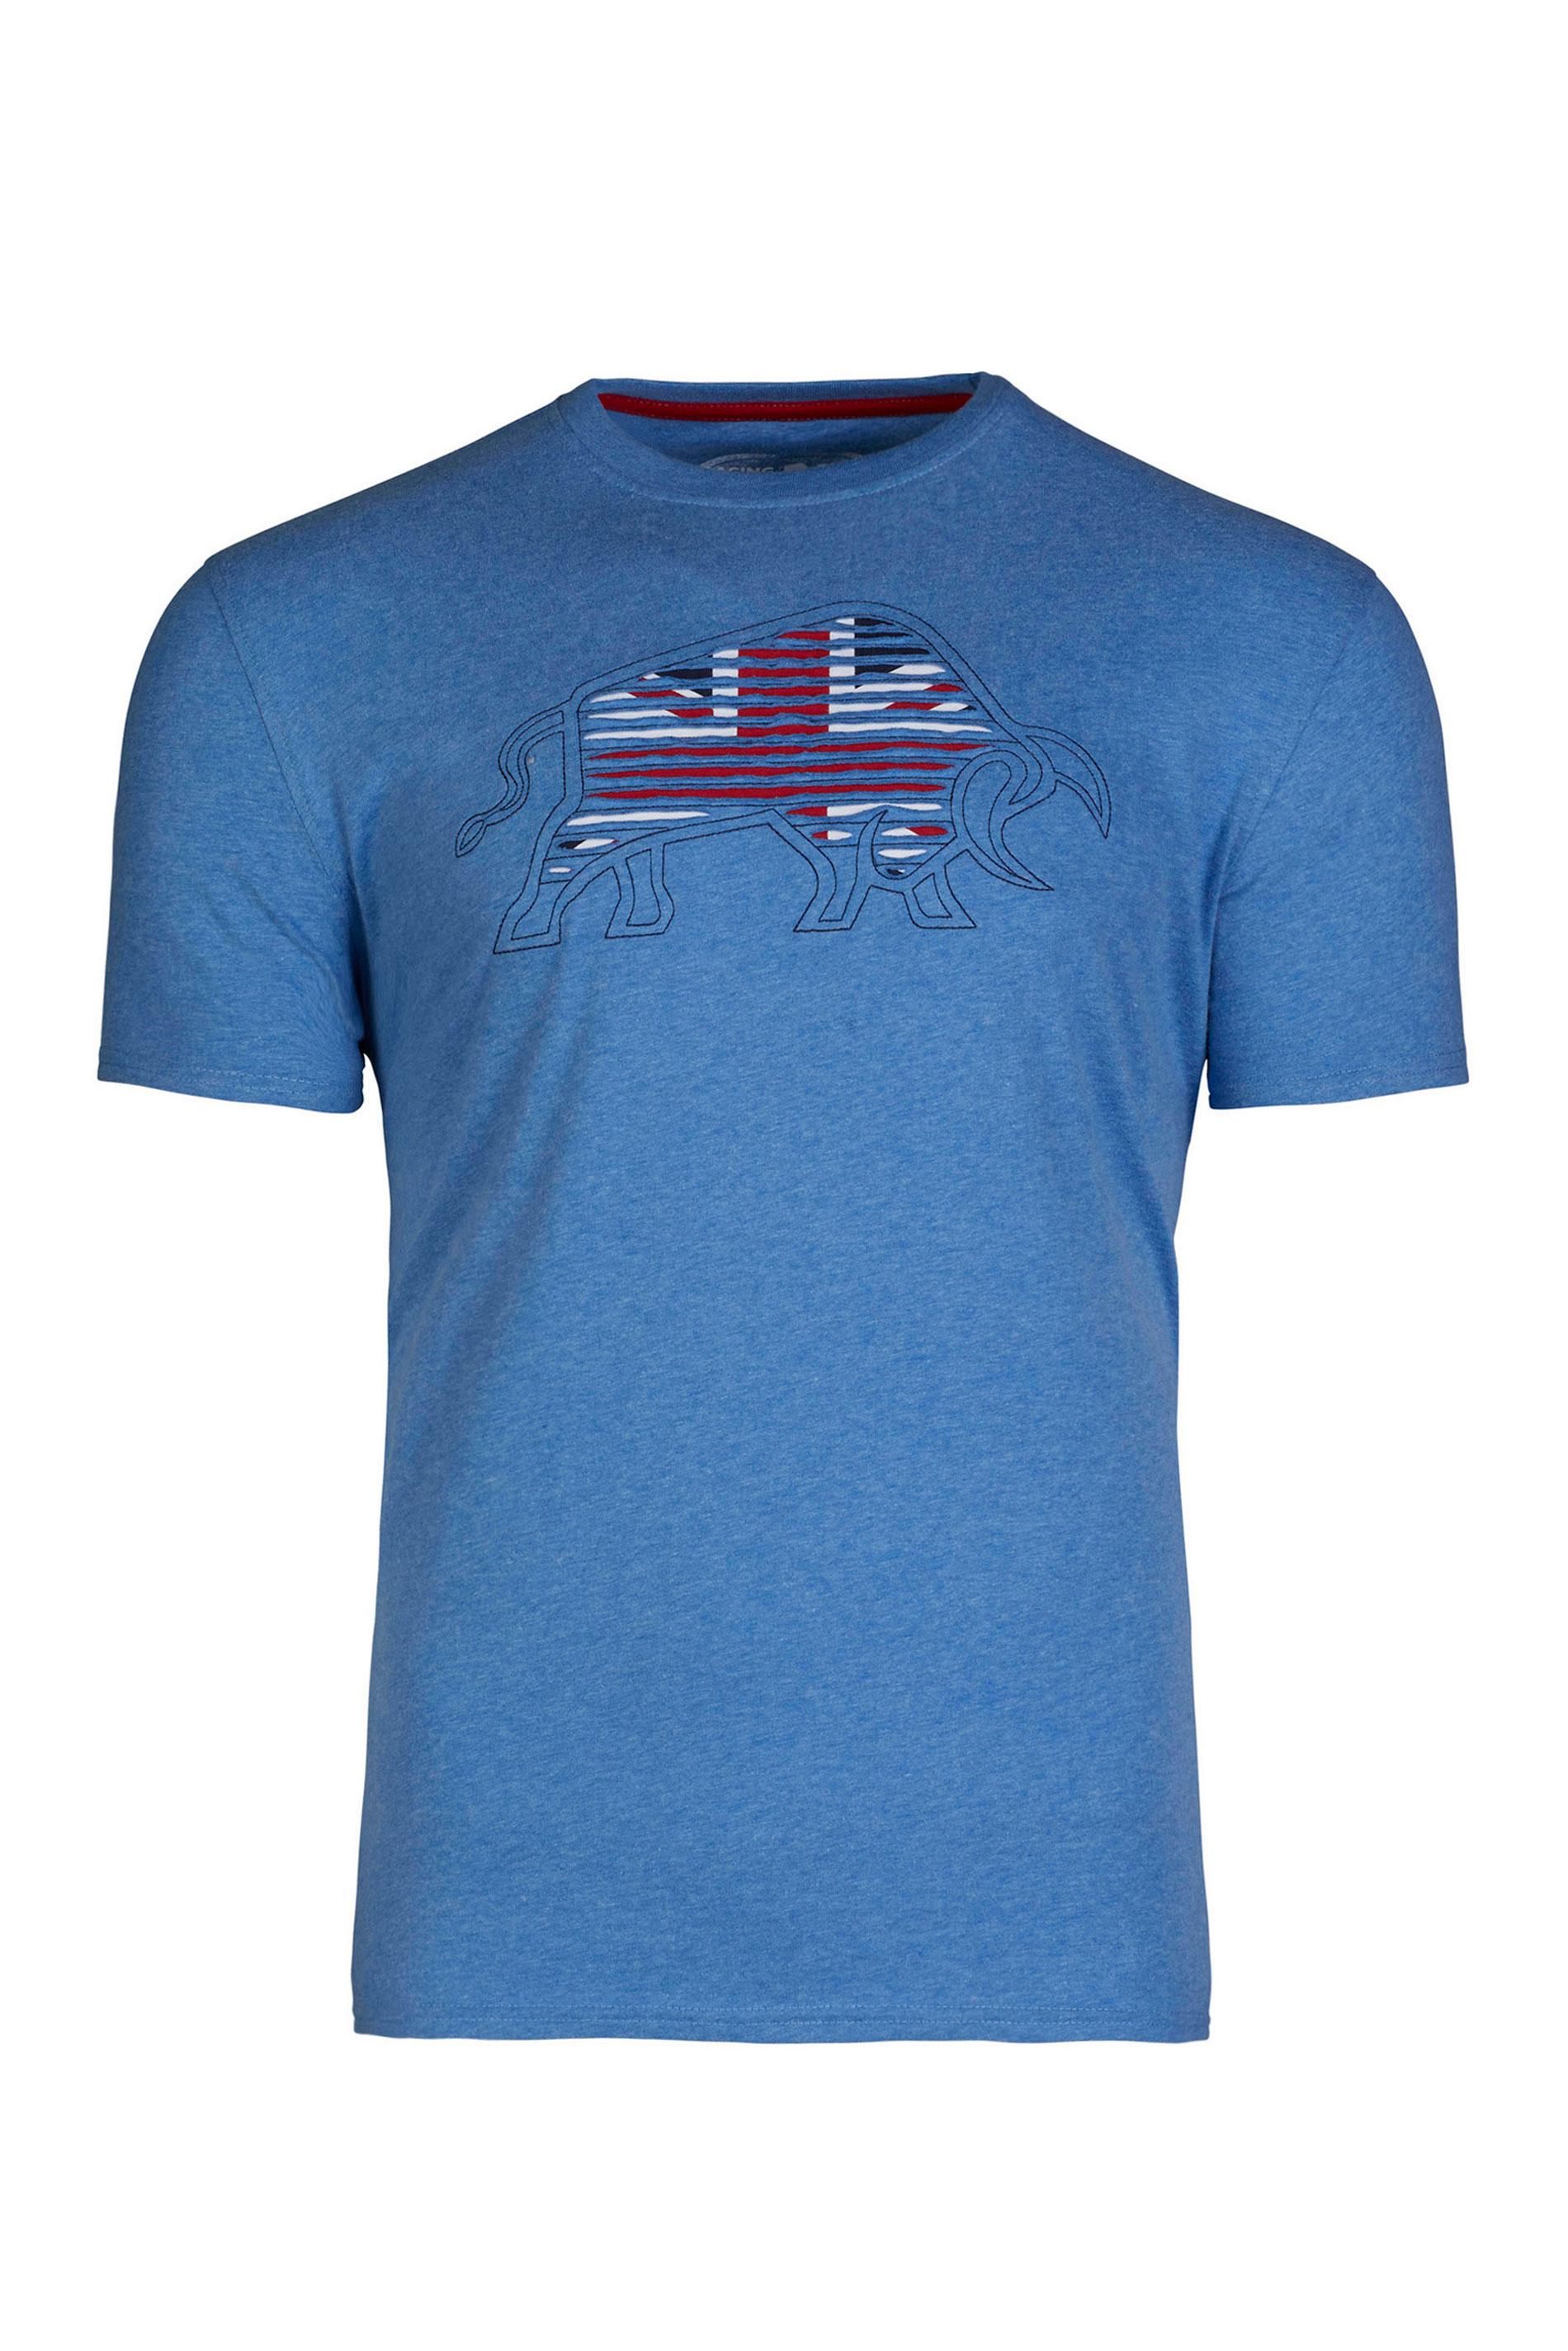 RAGING BULL Blue Slash Bull T-Shirt_F.jpg